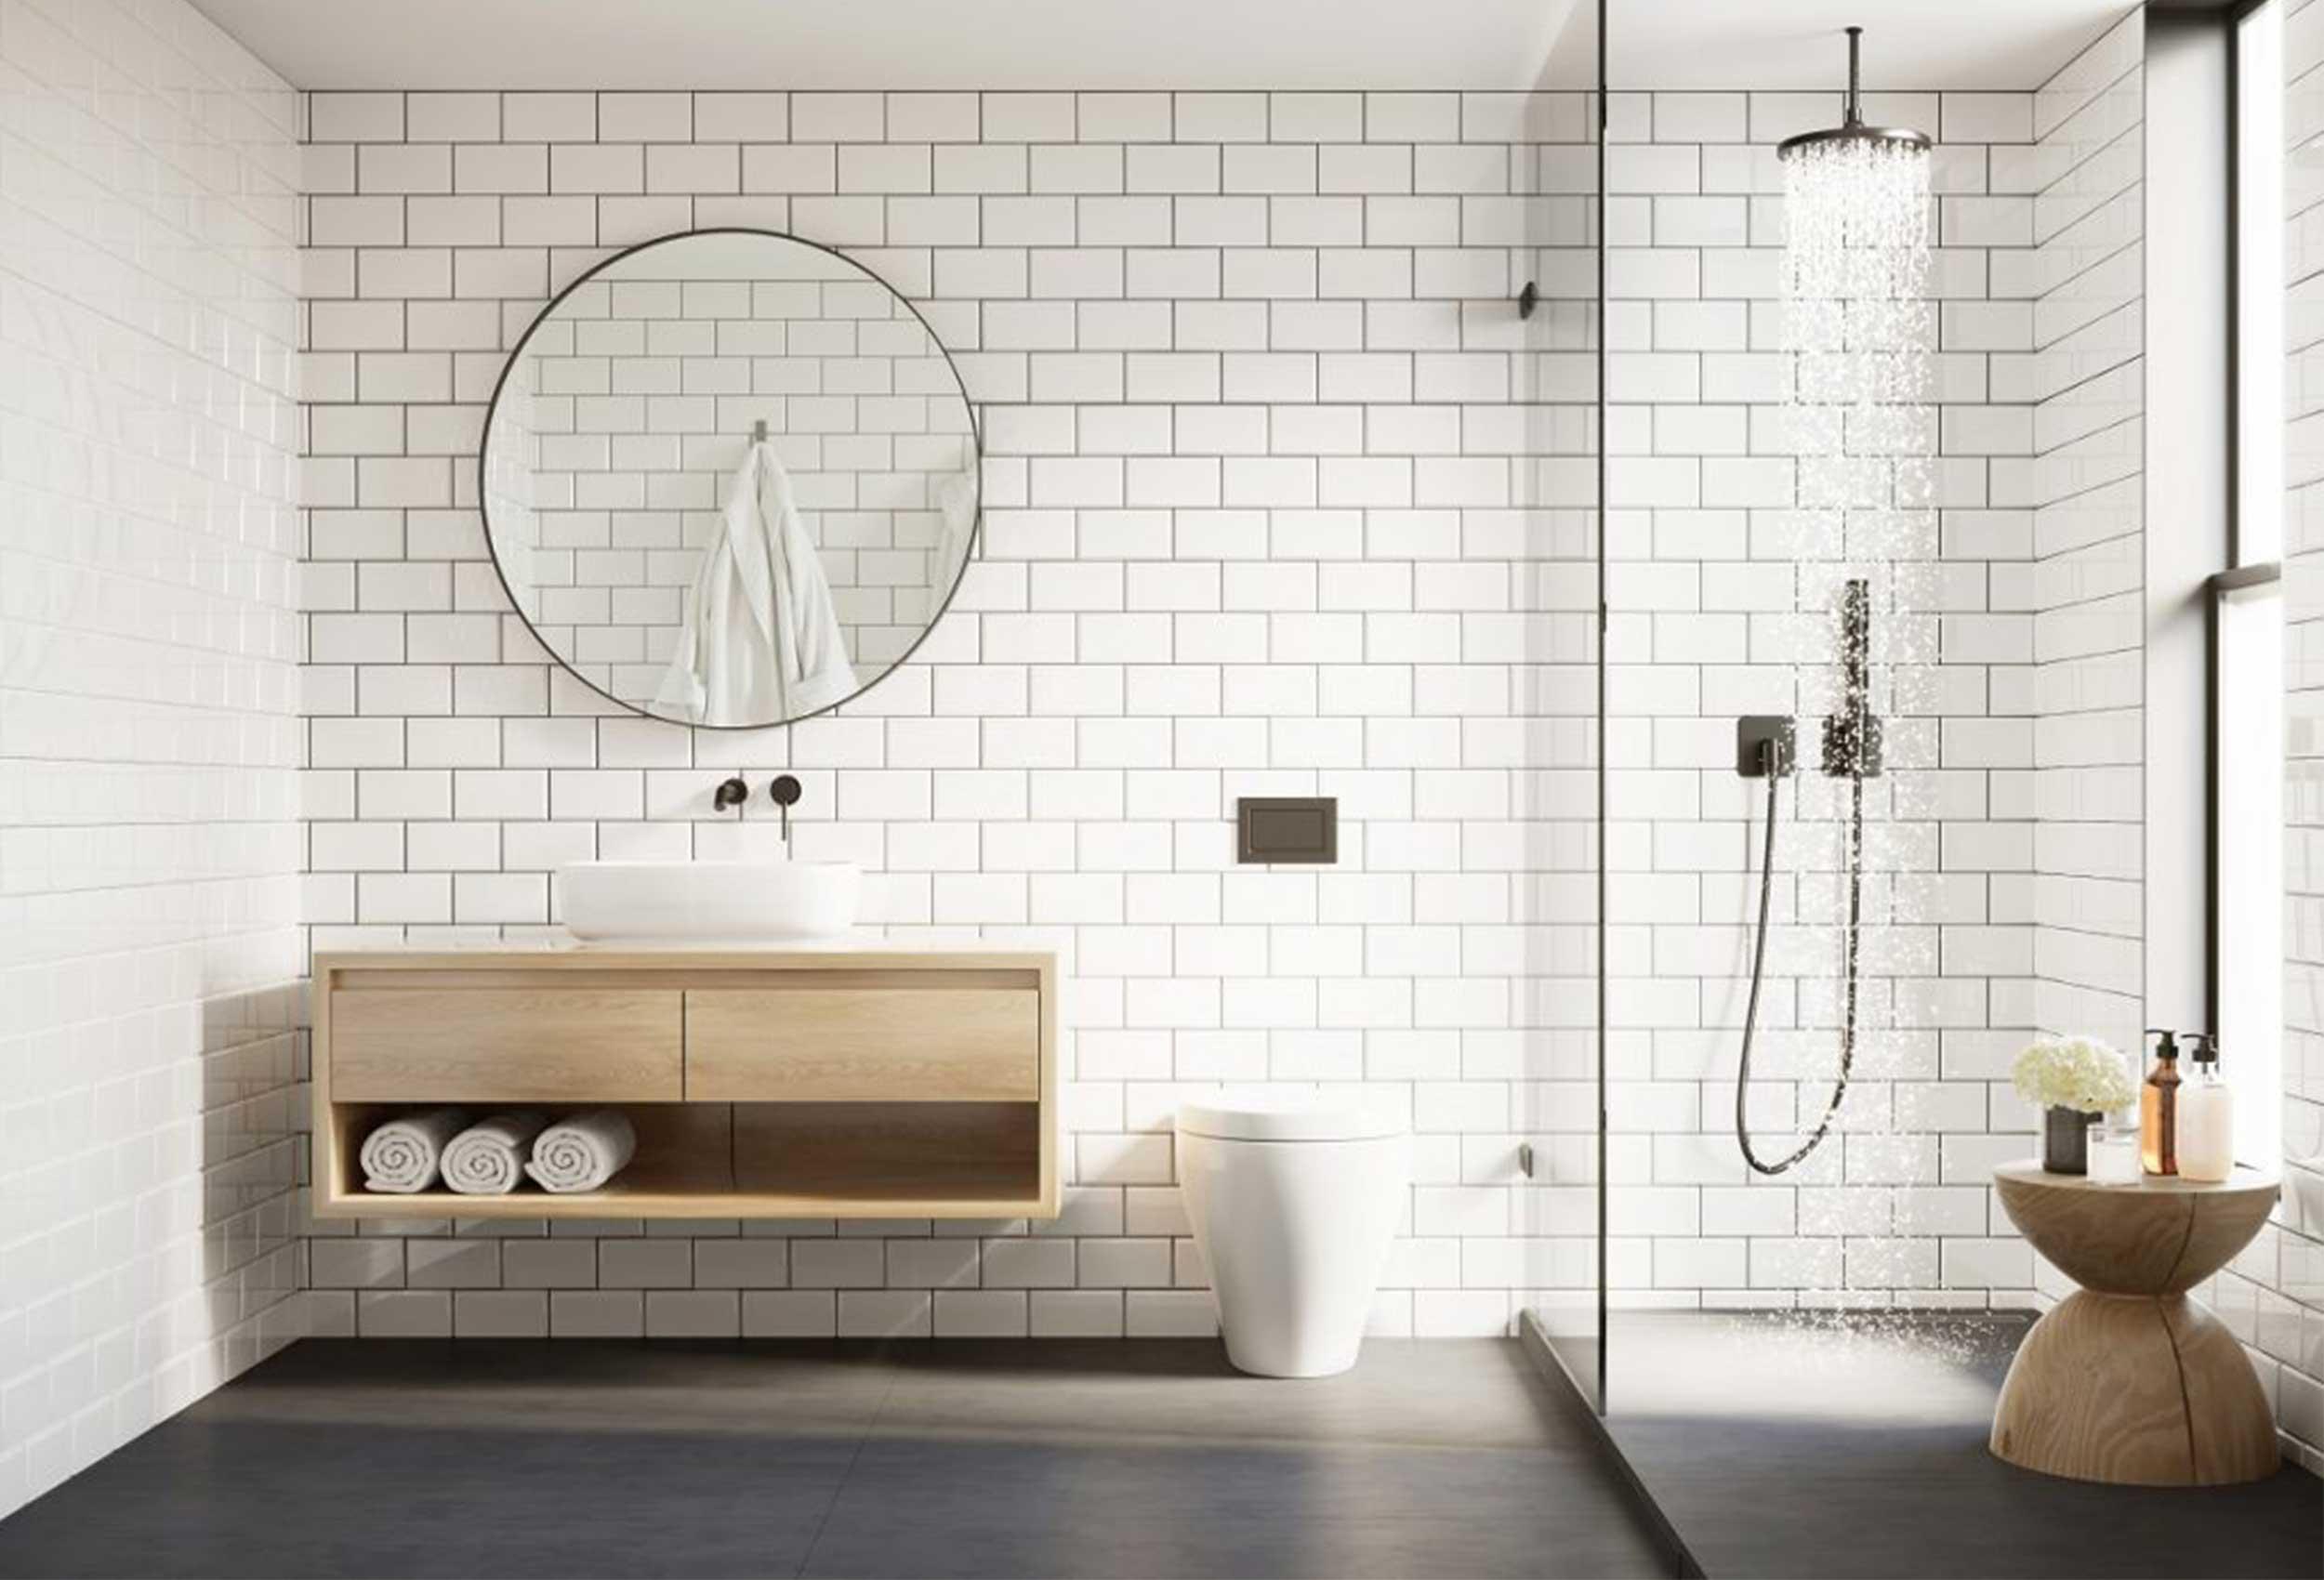 bathroom bagno ambiente soffione doccia